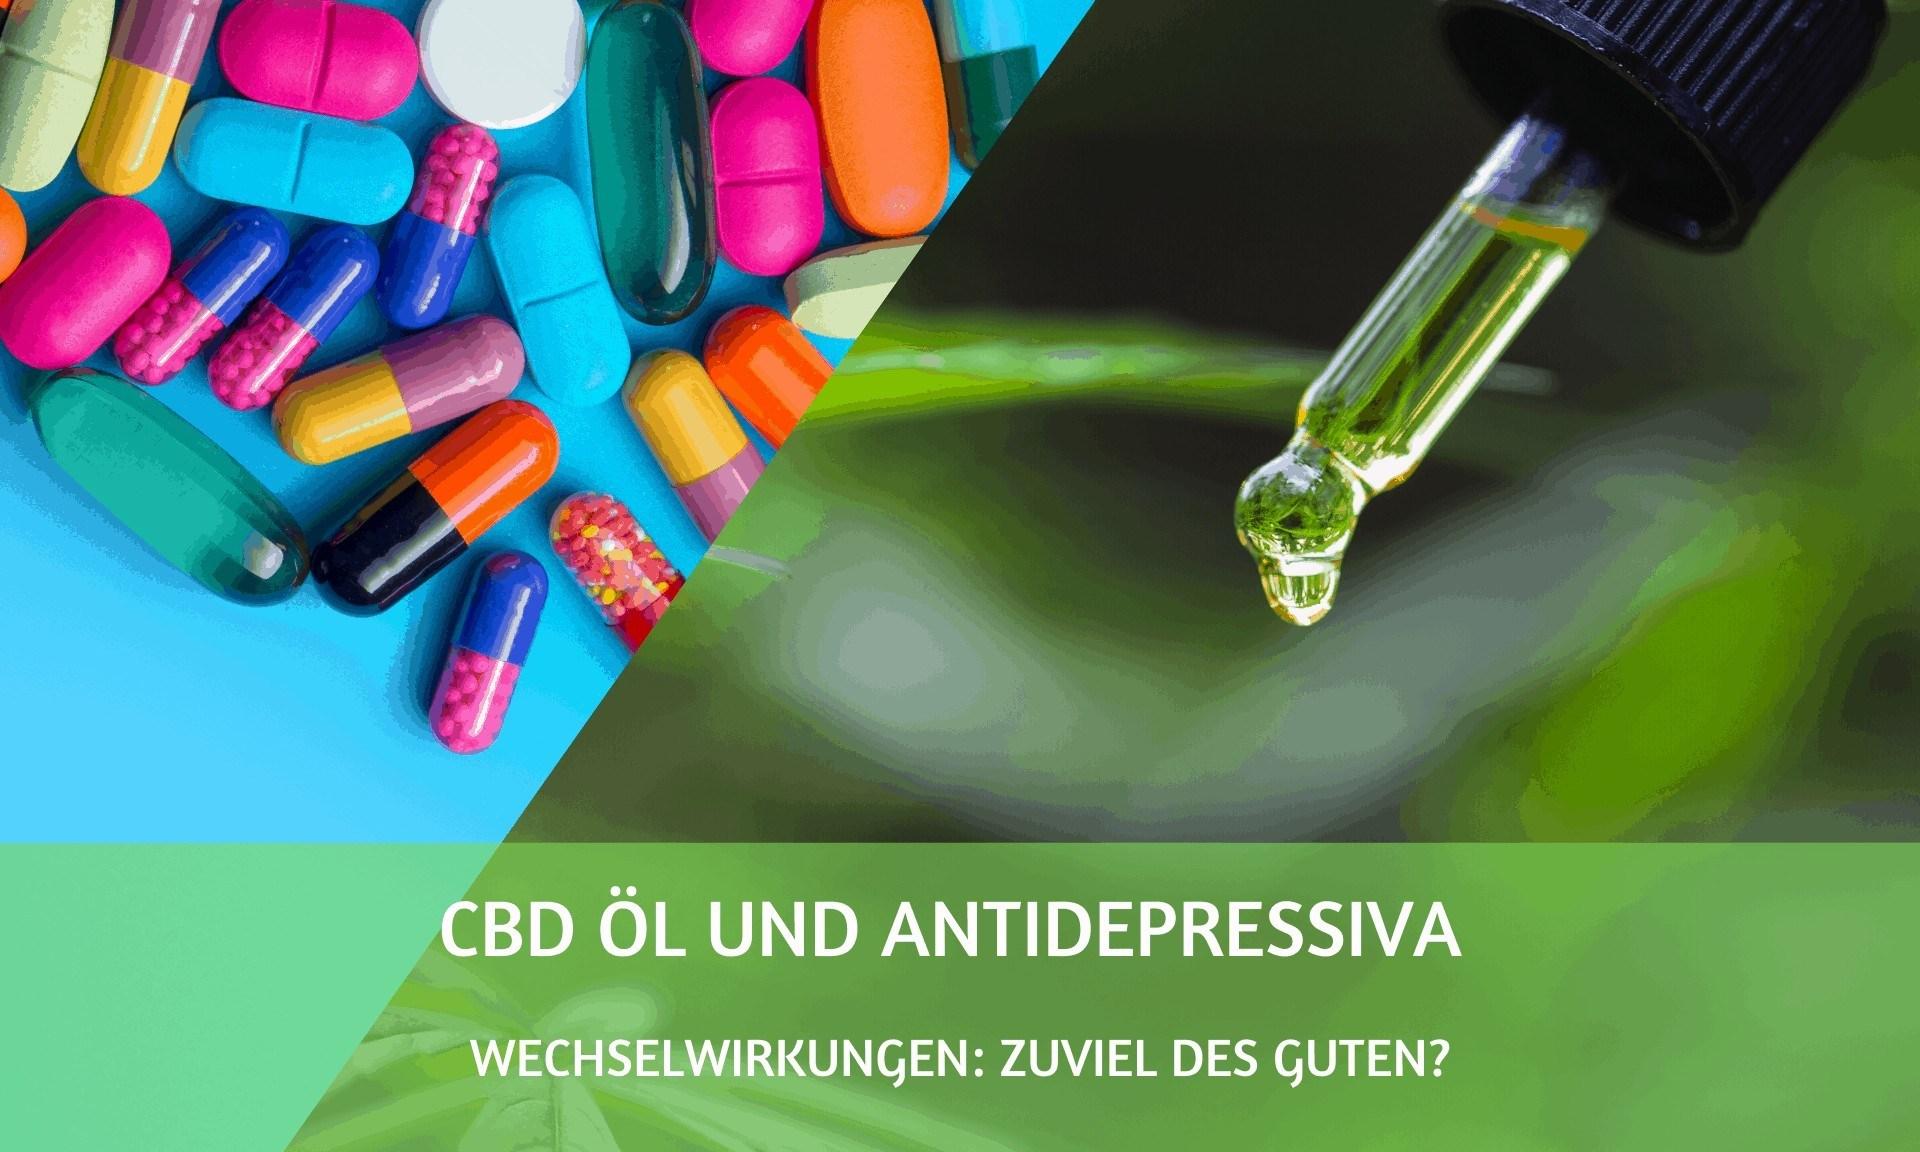 CBD Öl und Antidepressiva Wechselwirkungen: Zuviel des Guten?